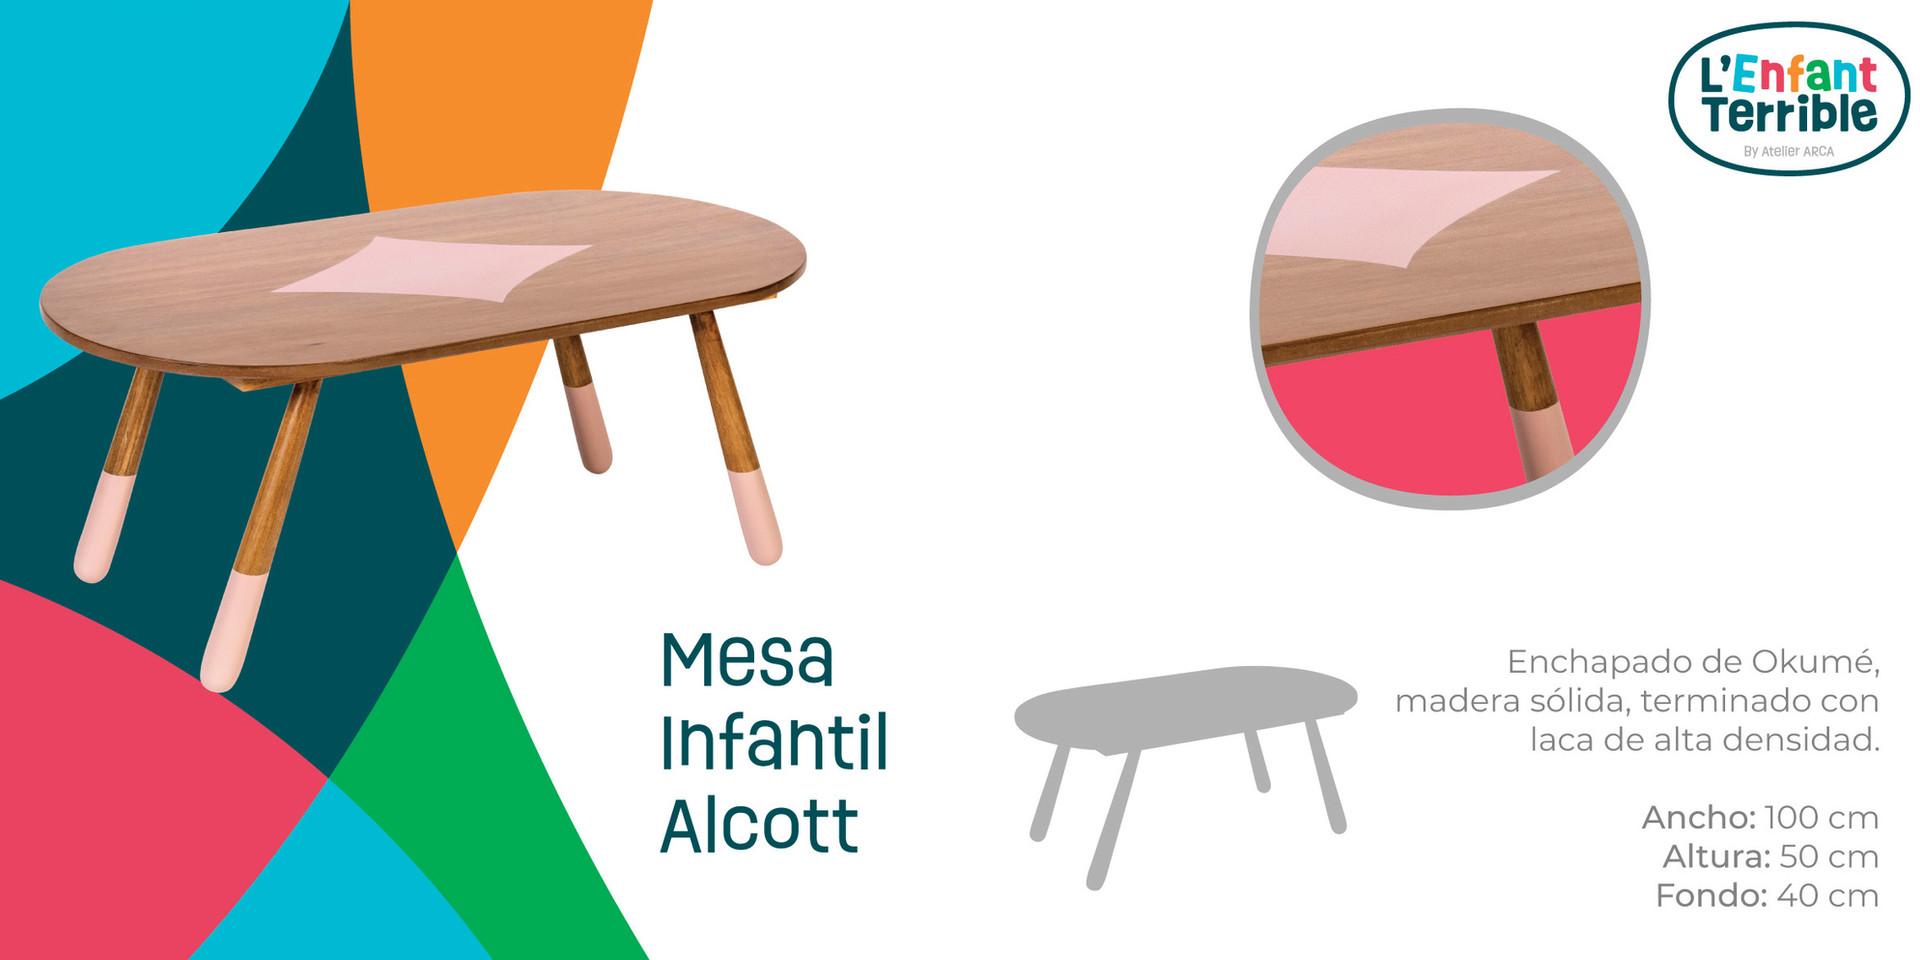 Mesa Infantil Alcott